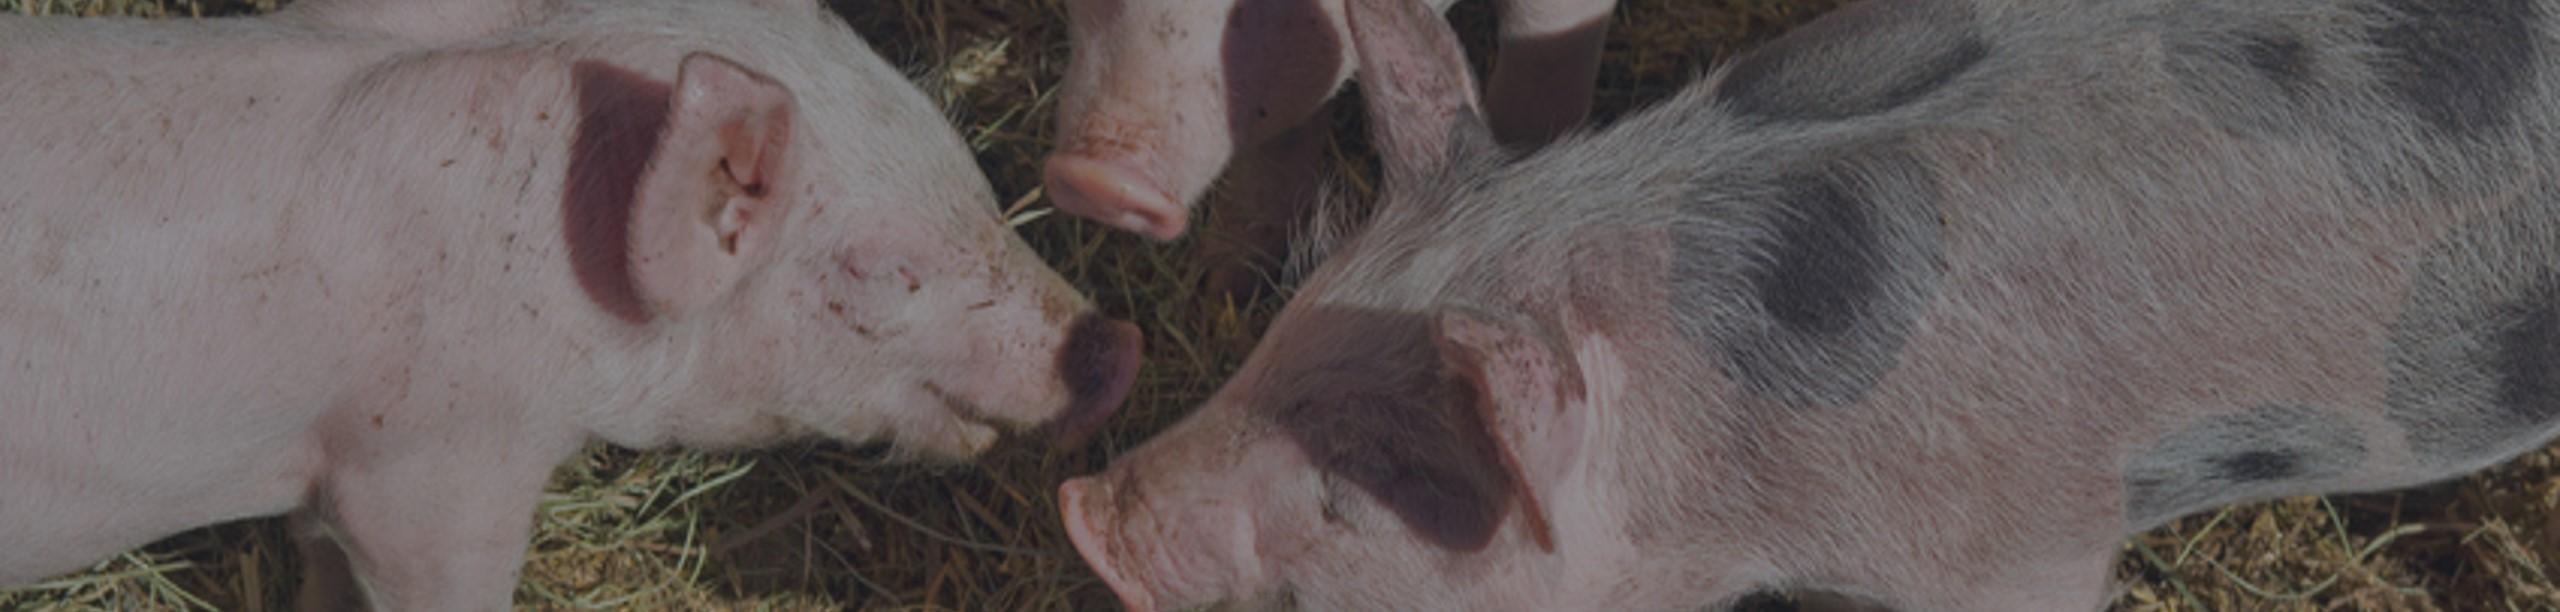 Pork2-2